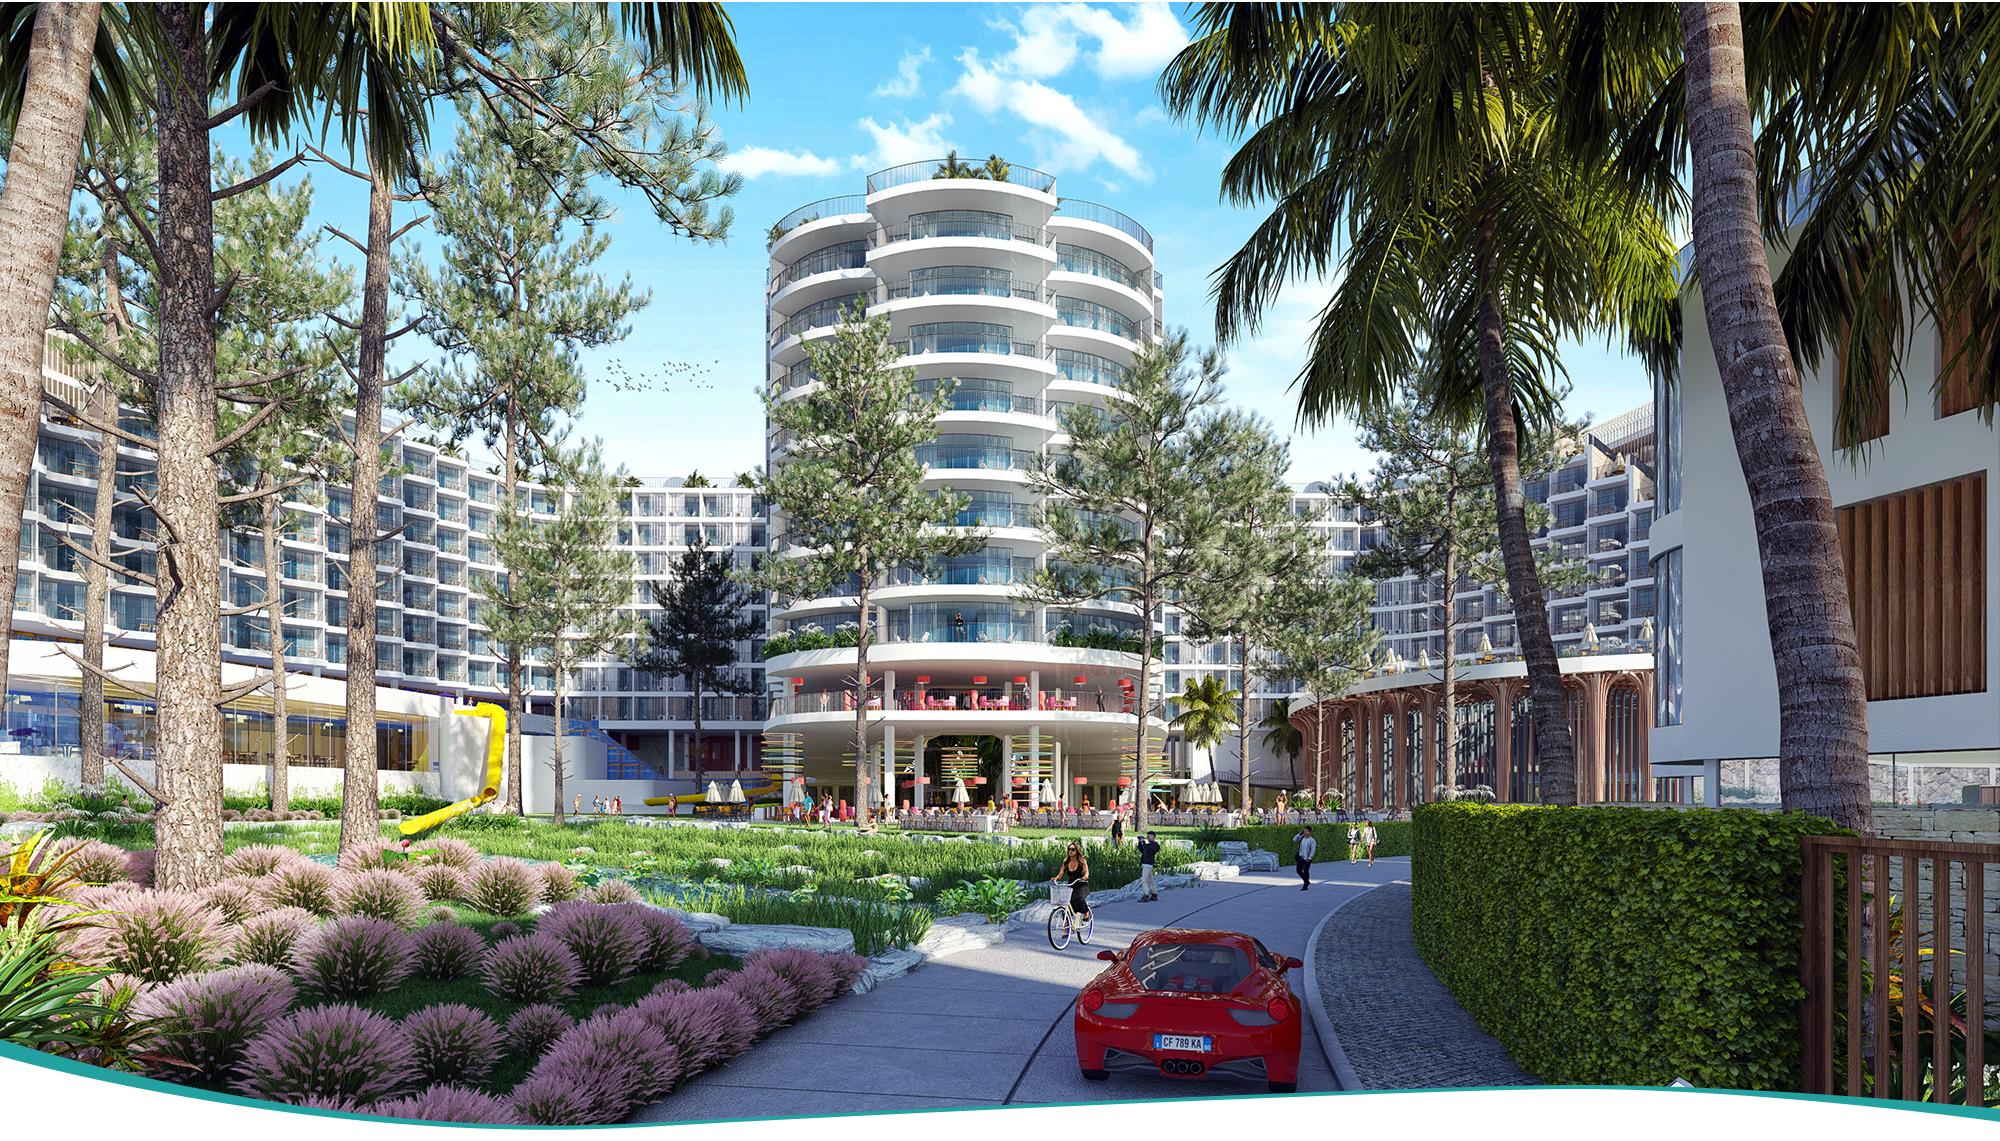 Charm Long Hải Resort – Khởi động hành trình kiến tạo những biểu tượng của Charm Group - Ảnh 10.